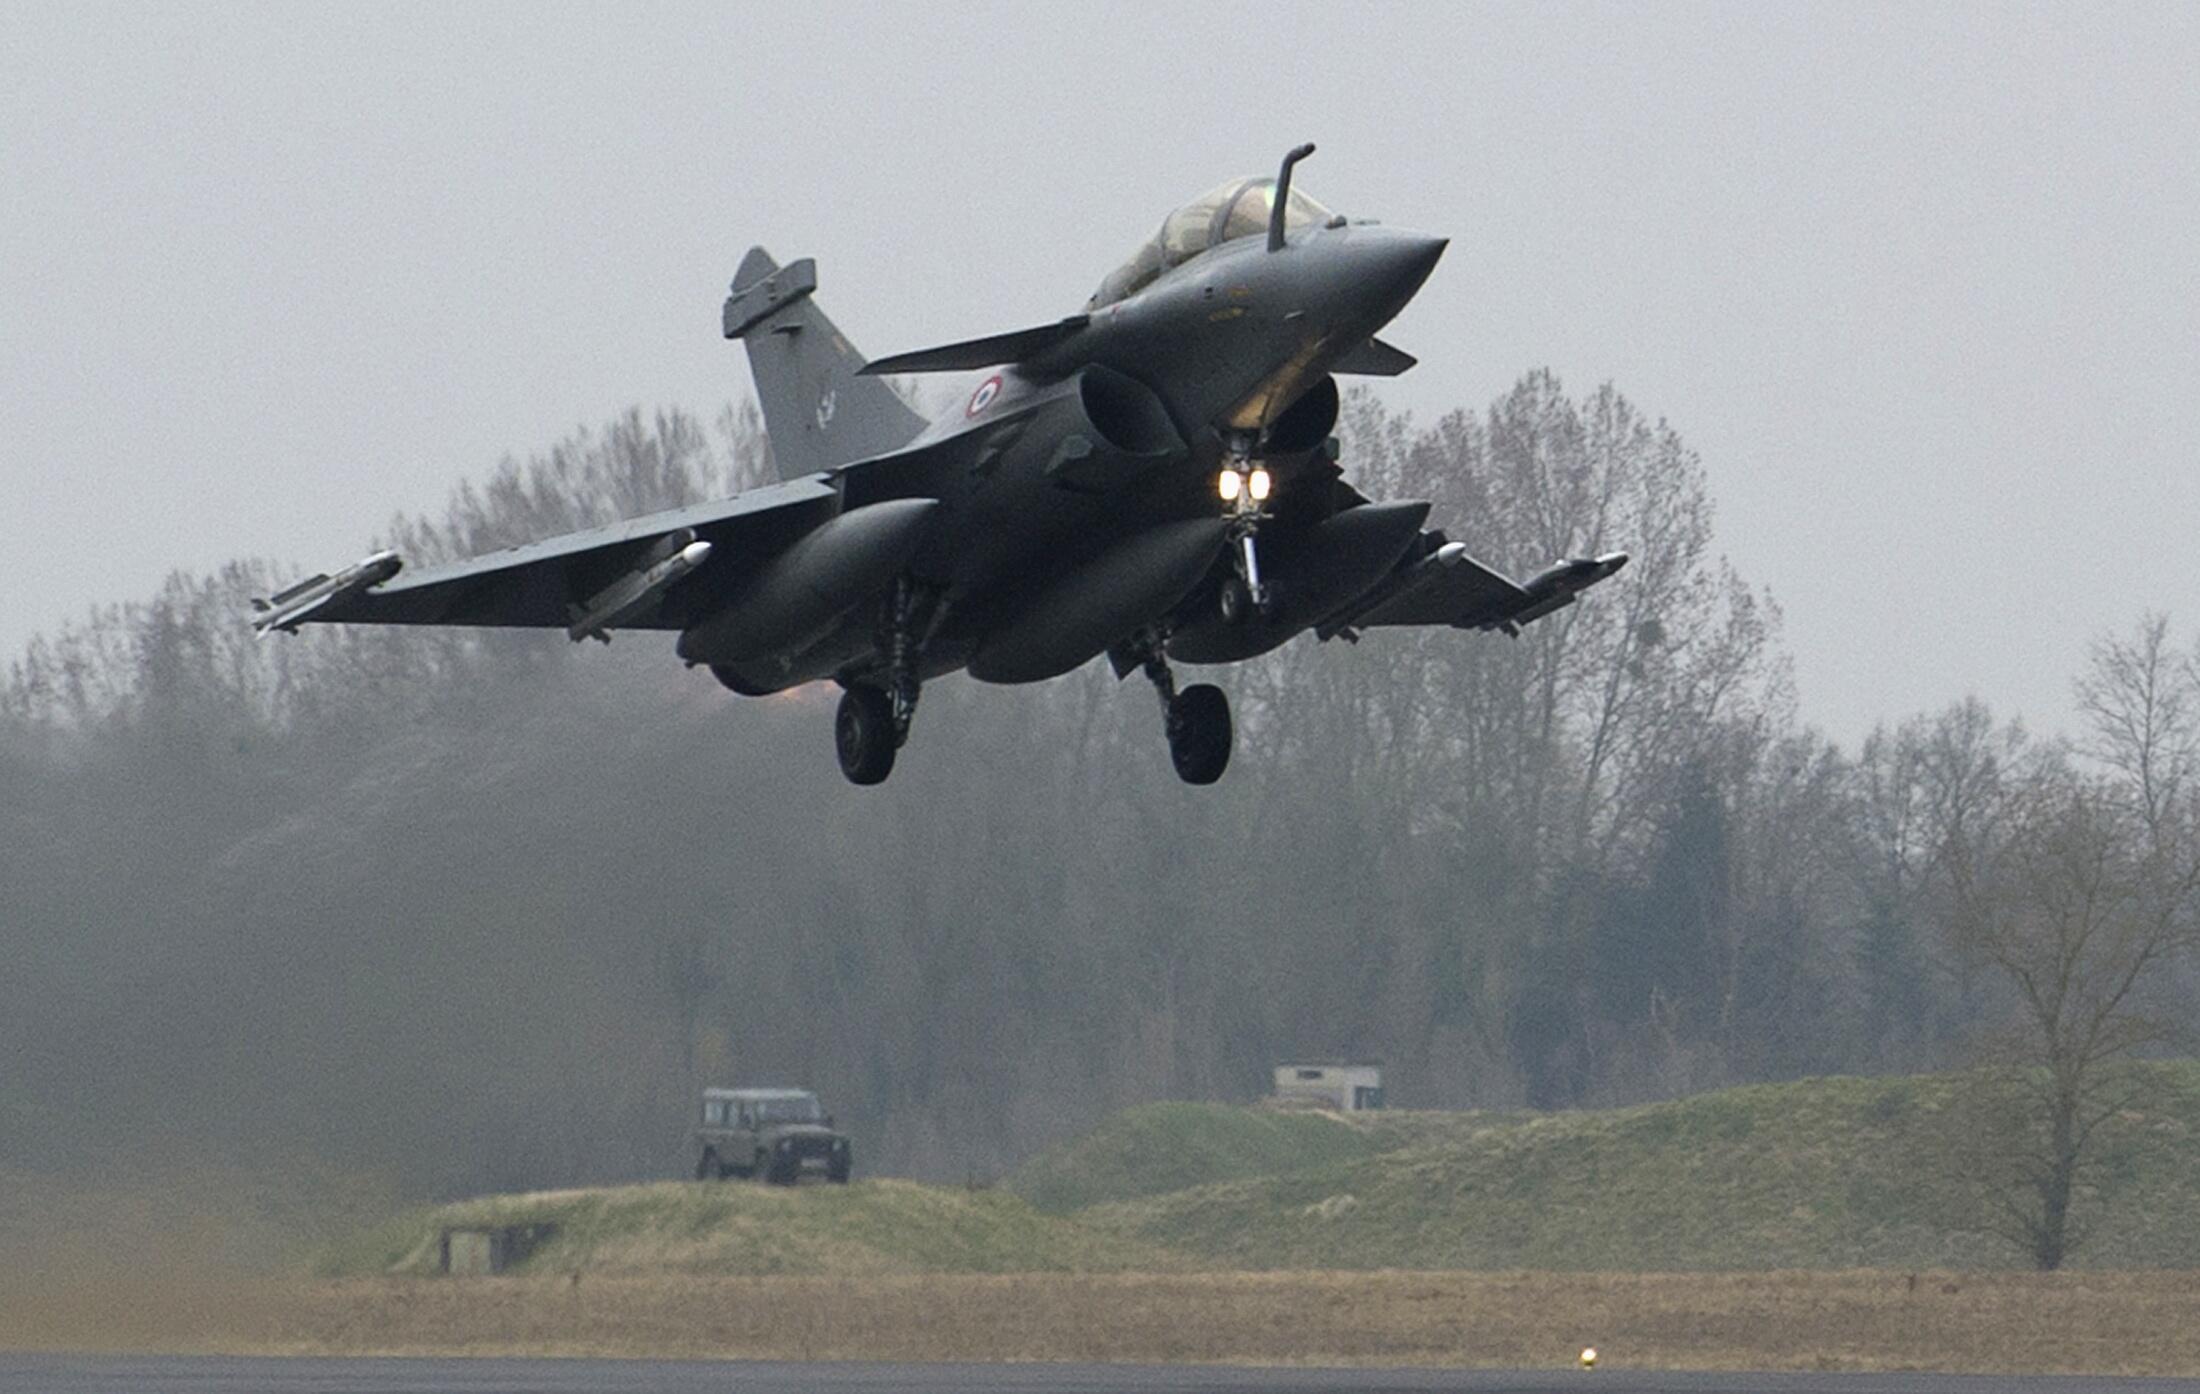 L'avion militaire français décolle de la base de Saint-Dizier pour la Libye, le 19 mars 2011.